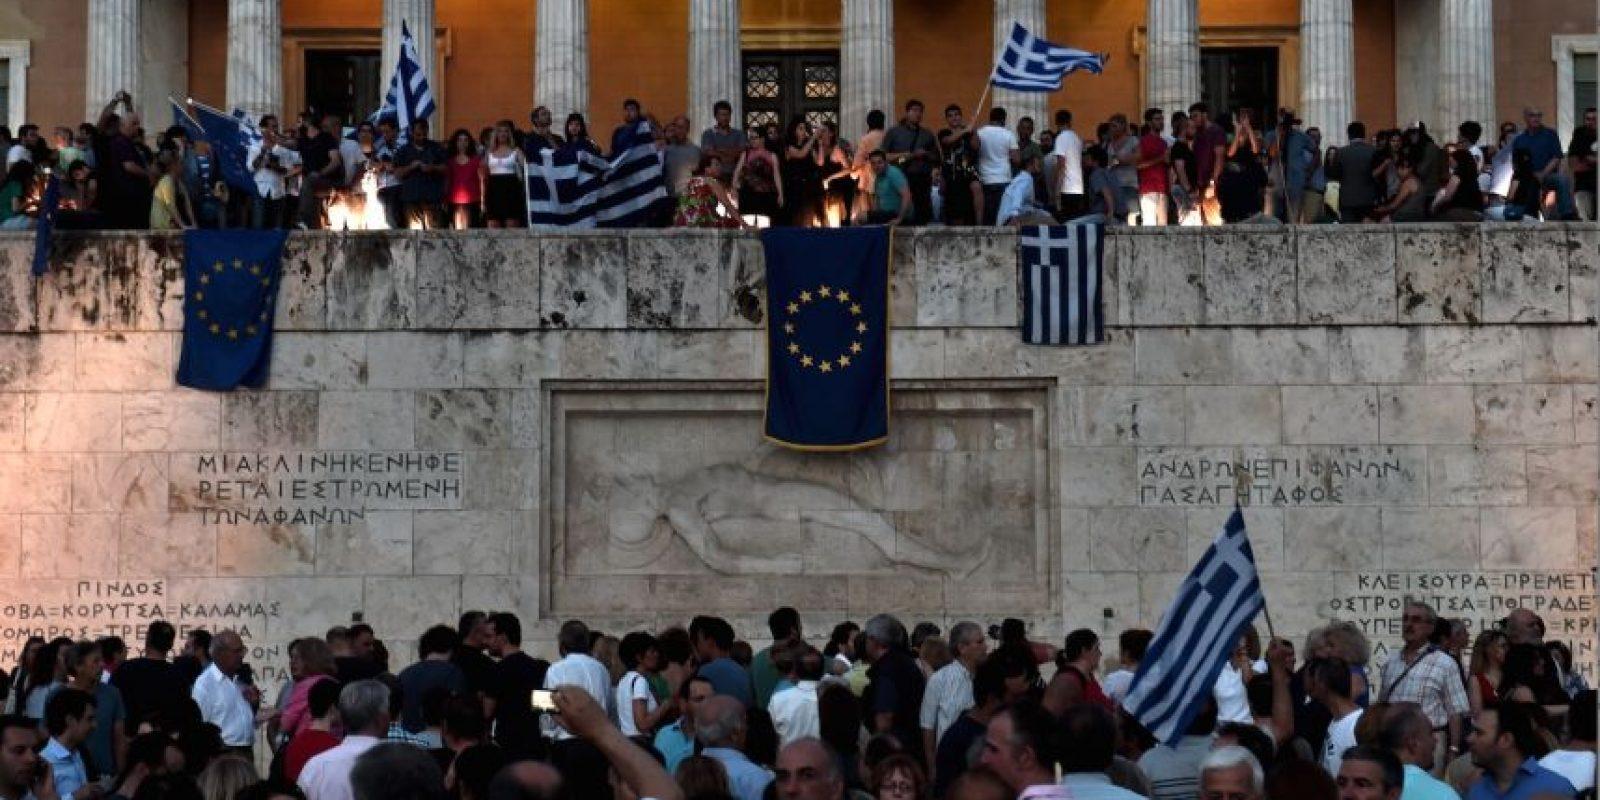 Y por último, implicaría un enorme fracaso a la dimensión política de la Unión Europea Foto:AFP